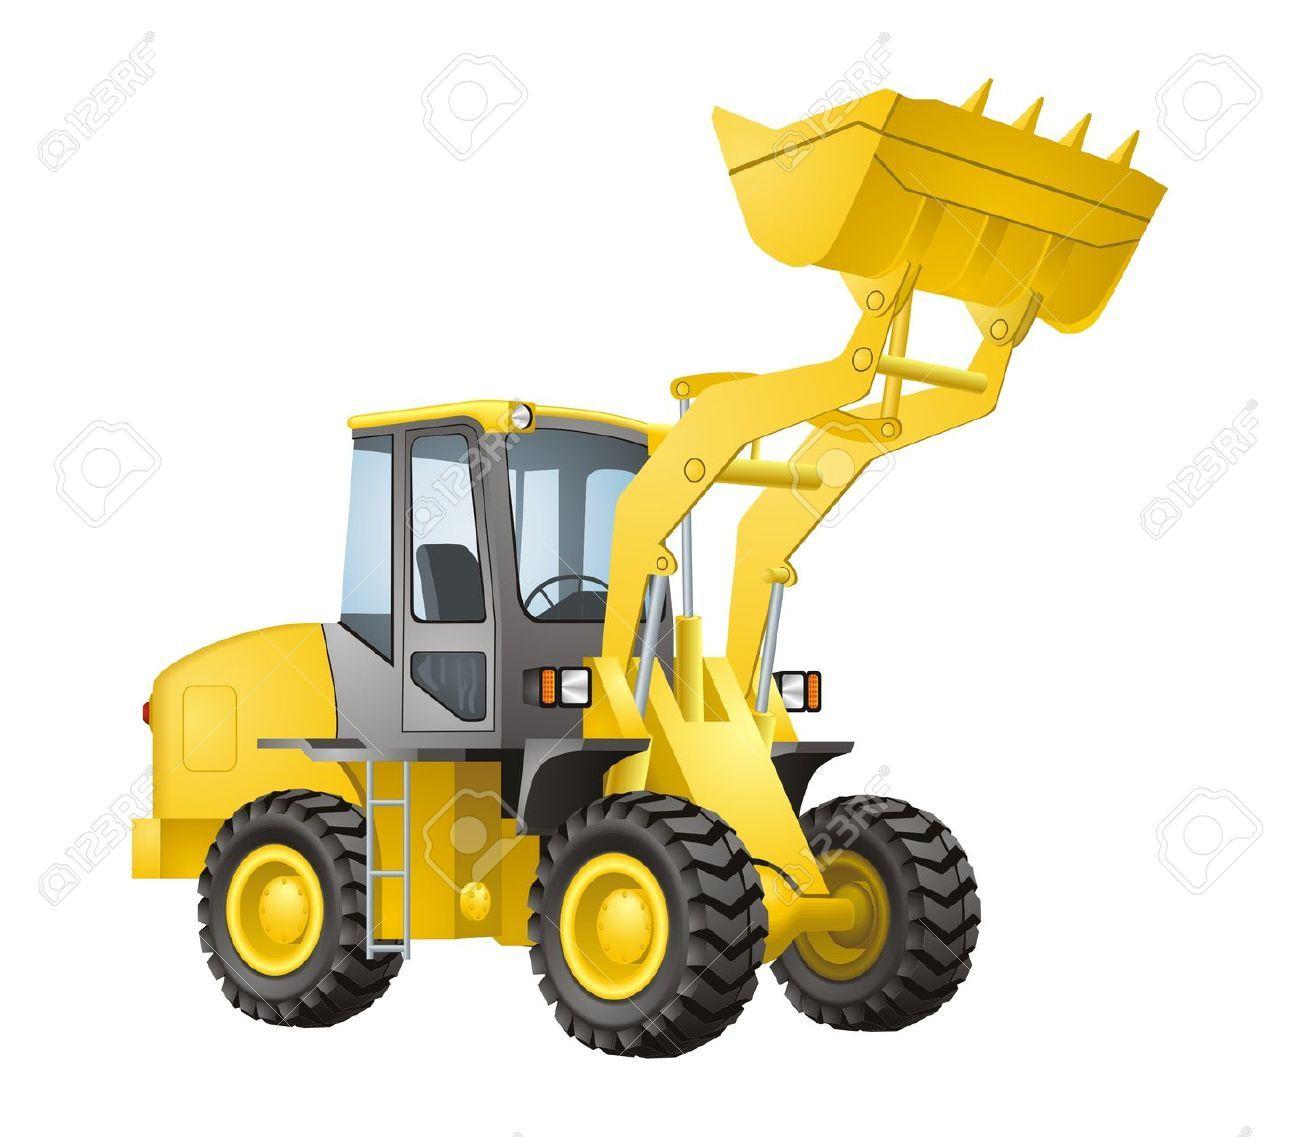 backhoe clipart contractor